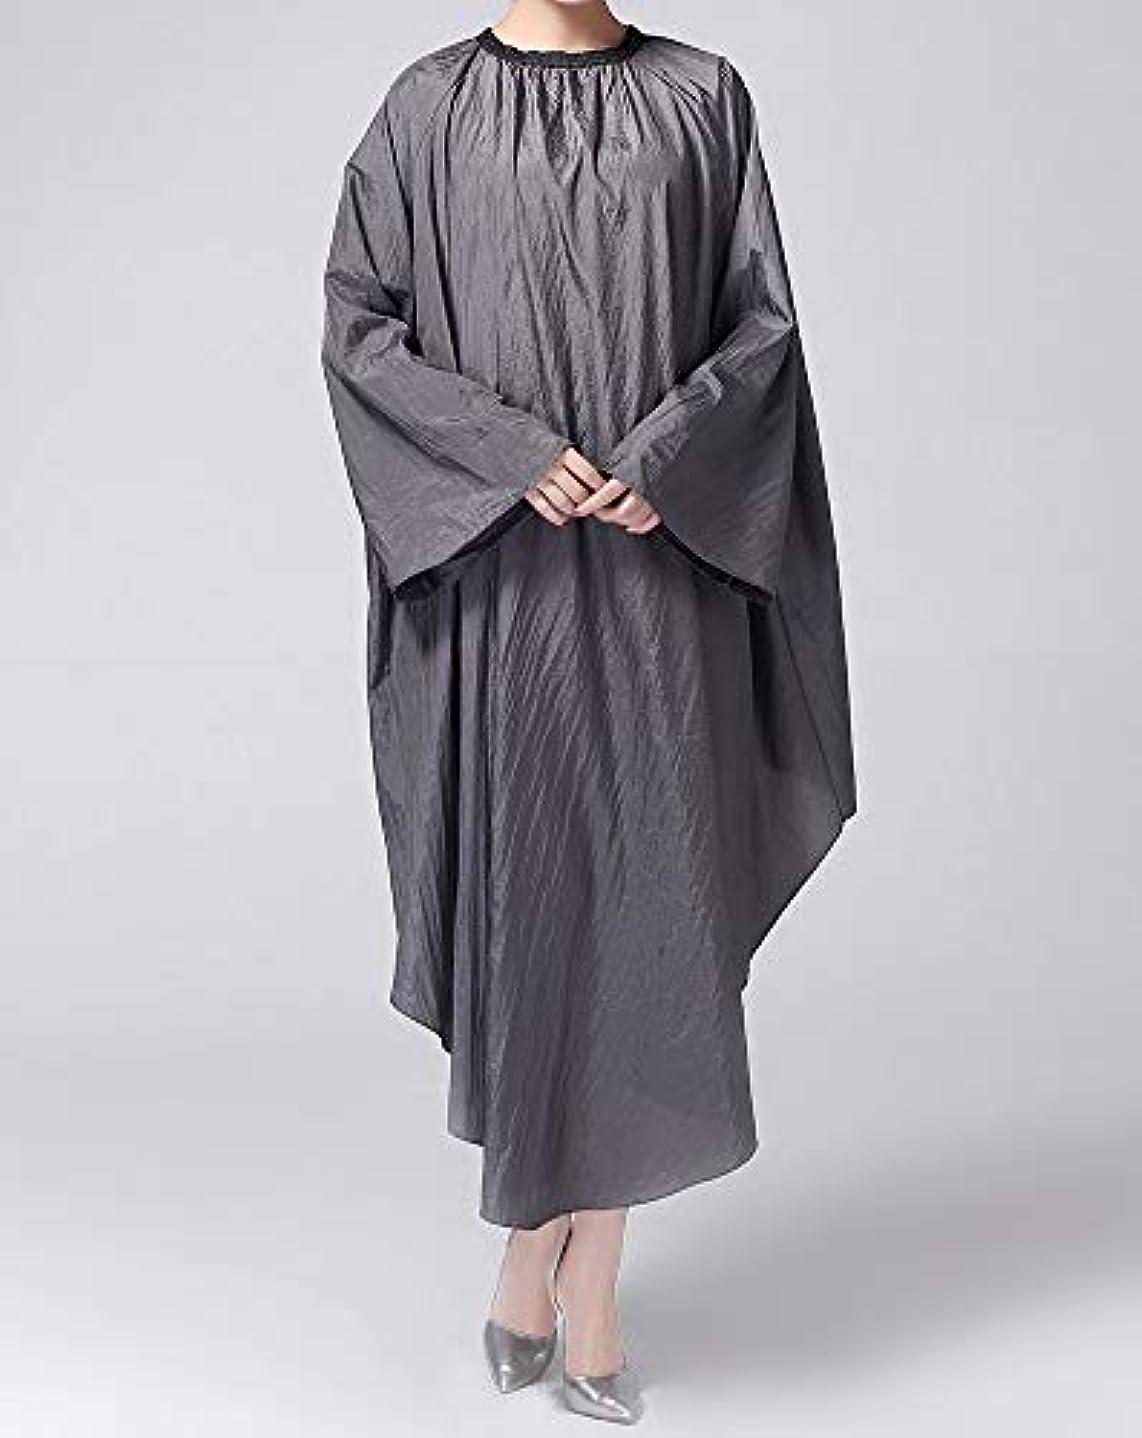 許す不十分な合法HIZLJJ ヘアカット理髪サロンケーププロフェッショナル防水ナイロン美容院理髪店ケープガウン (Color : Gray)